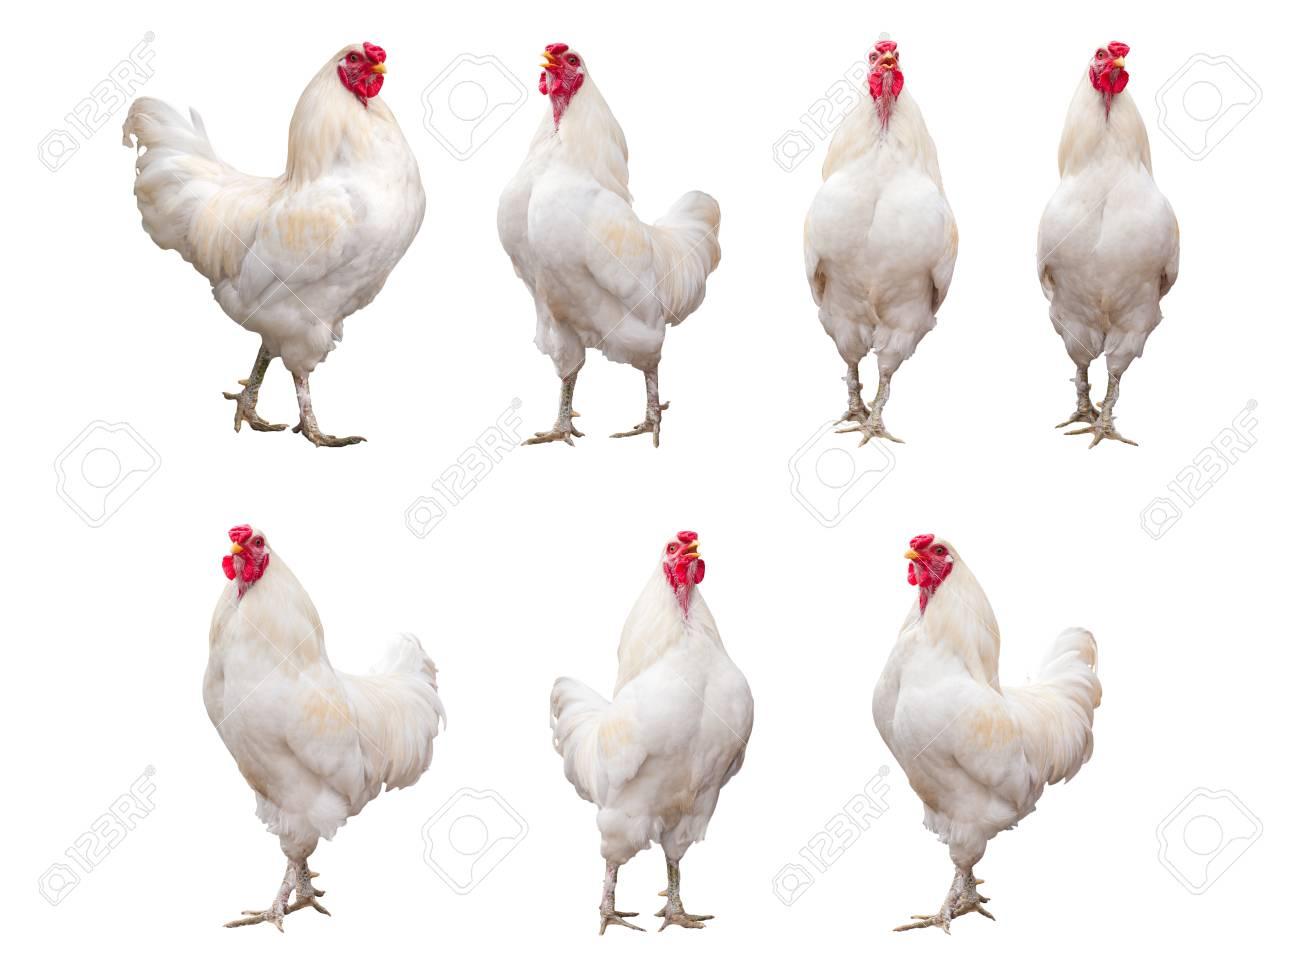 blanc coqs ébène dans lingerie